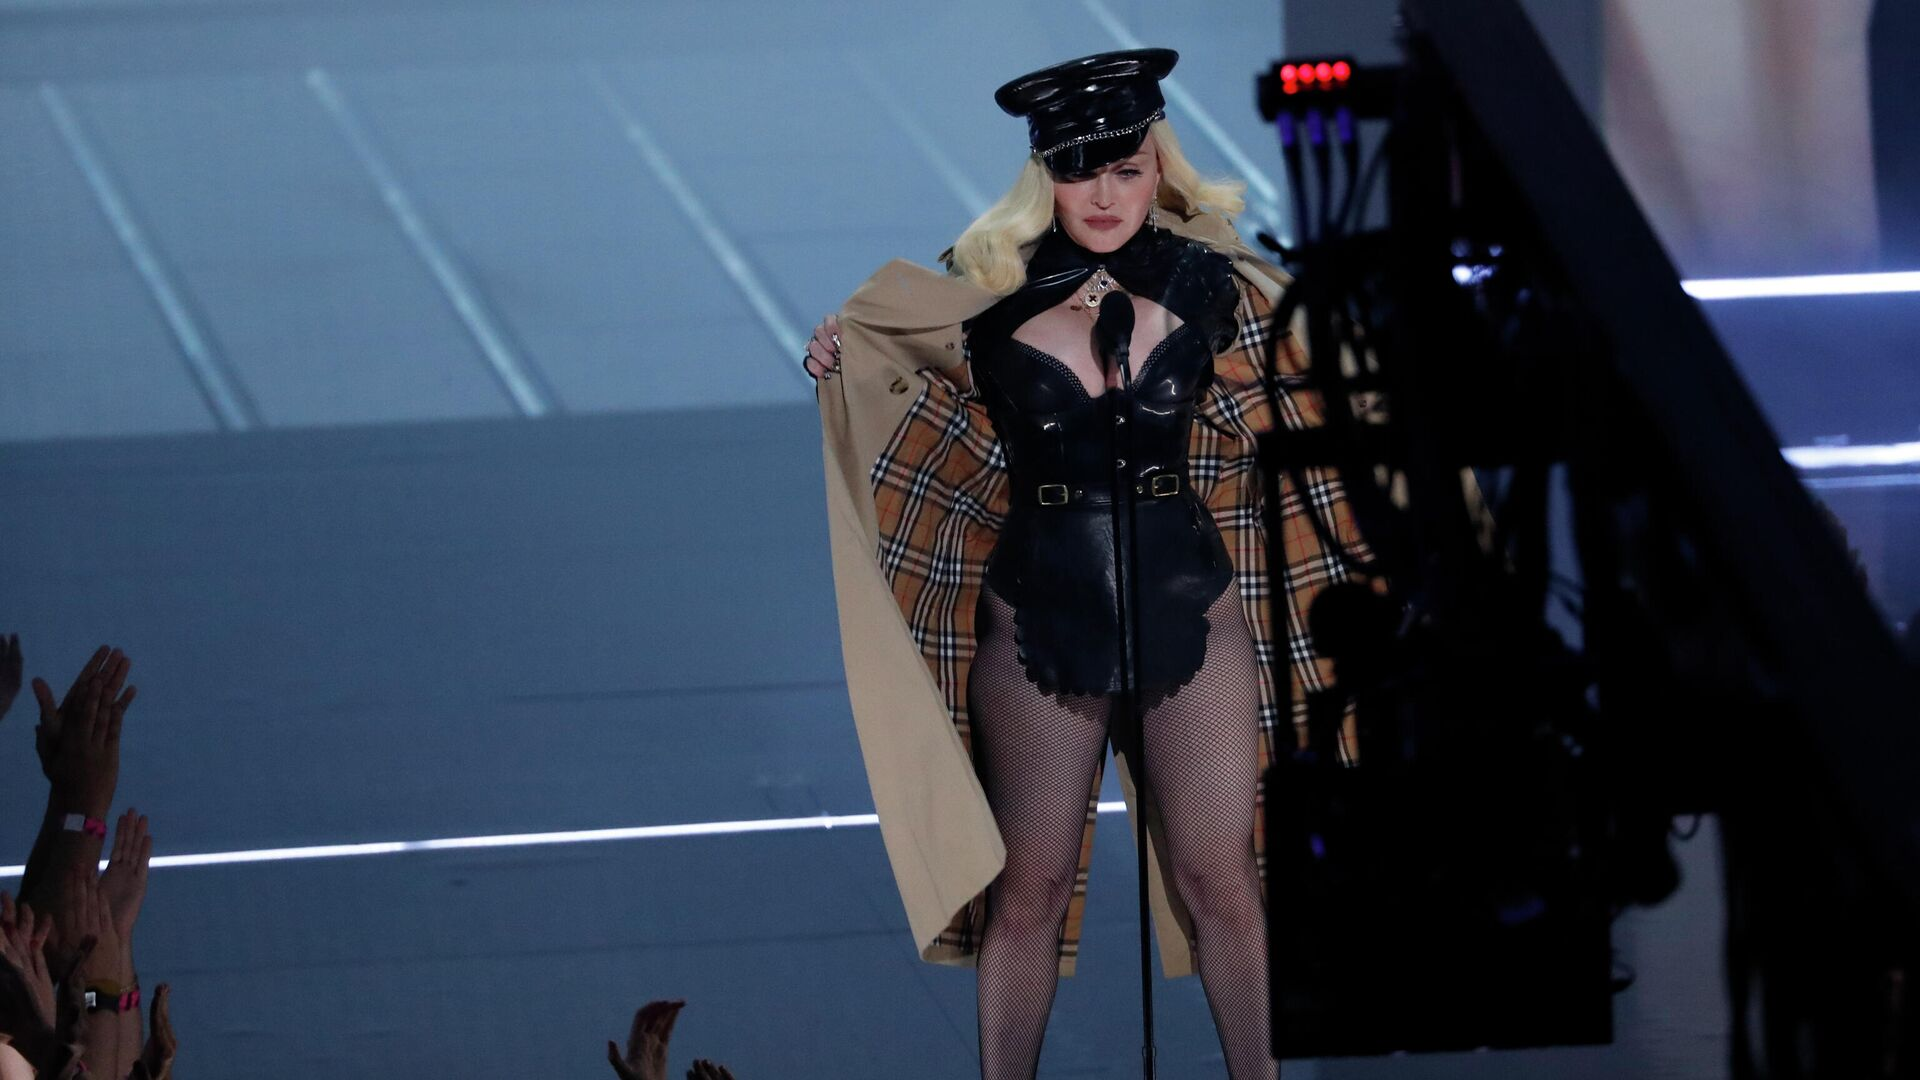 Певица Мадонна в сексуальном наряде - Sputnik Грузия, 1920, 16.09.2021